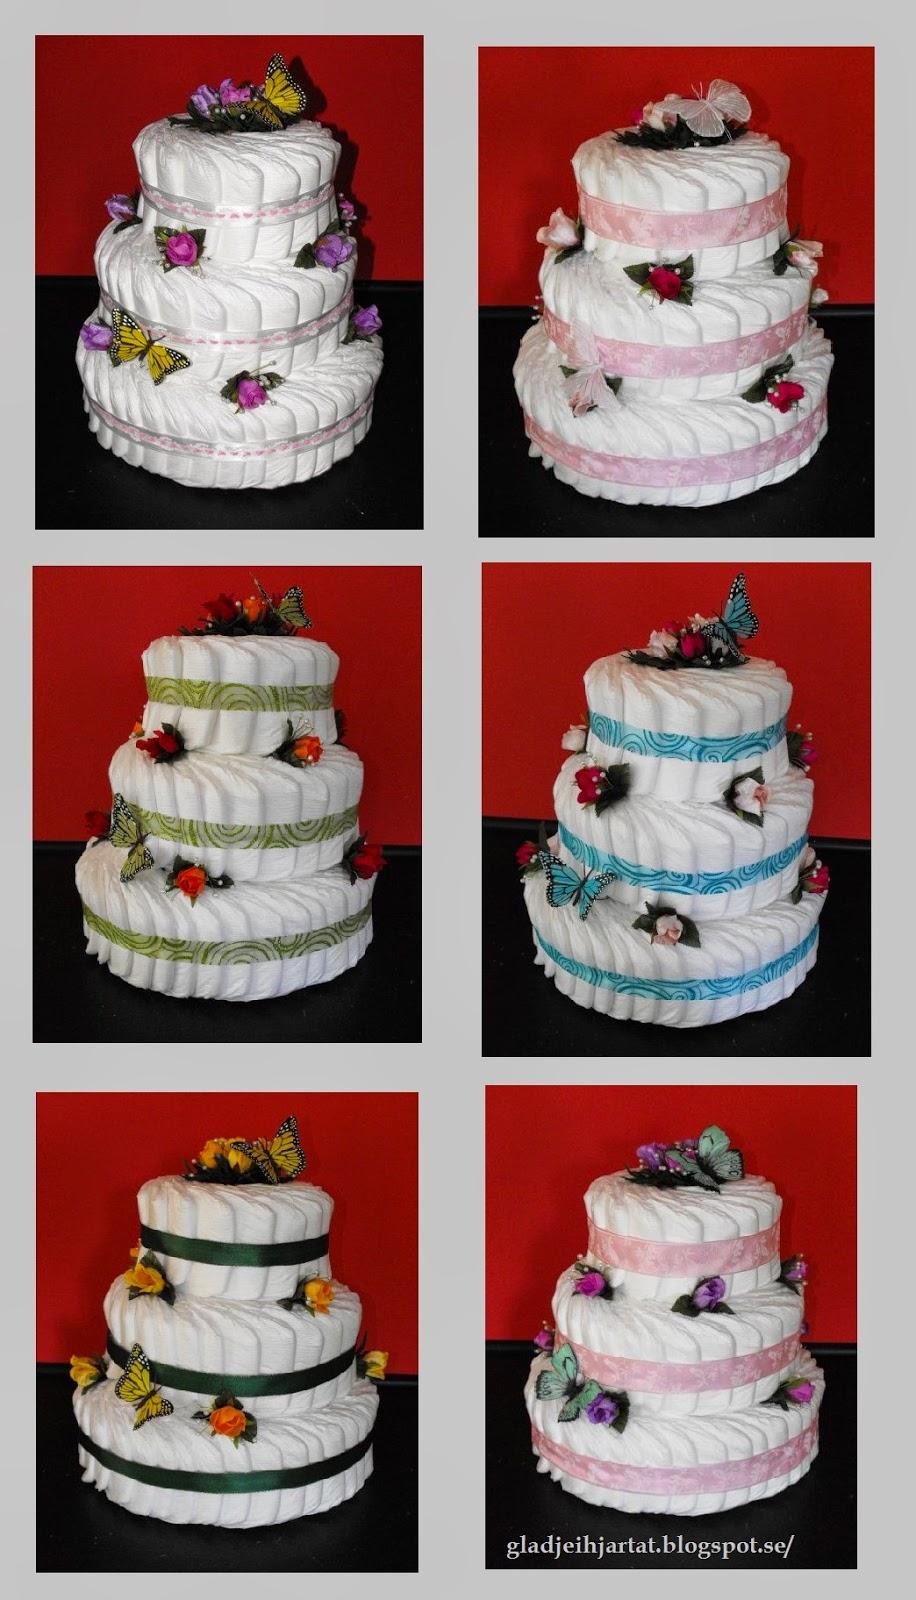 diapercake, dipercake, blöjtårta, blöjor, tårta, babyshower